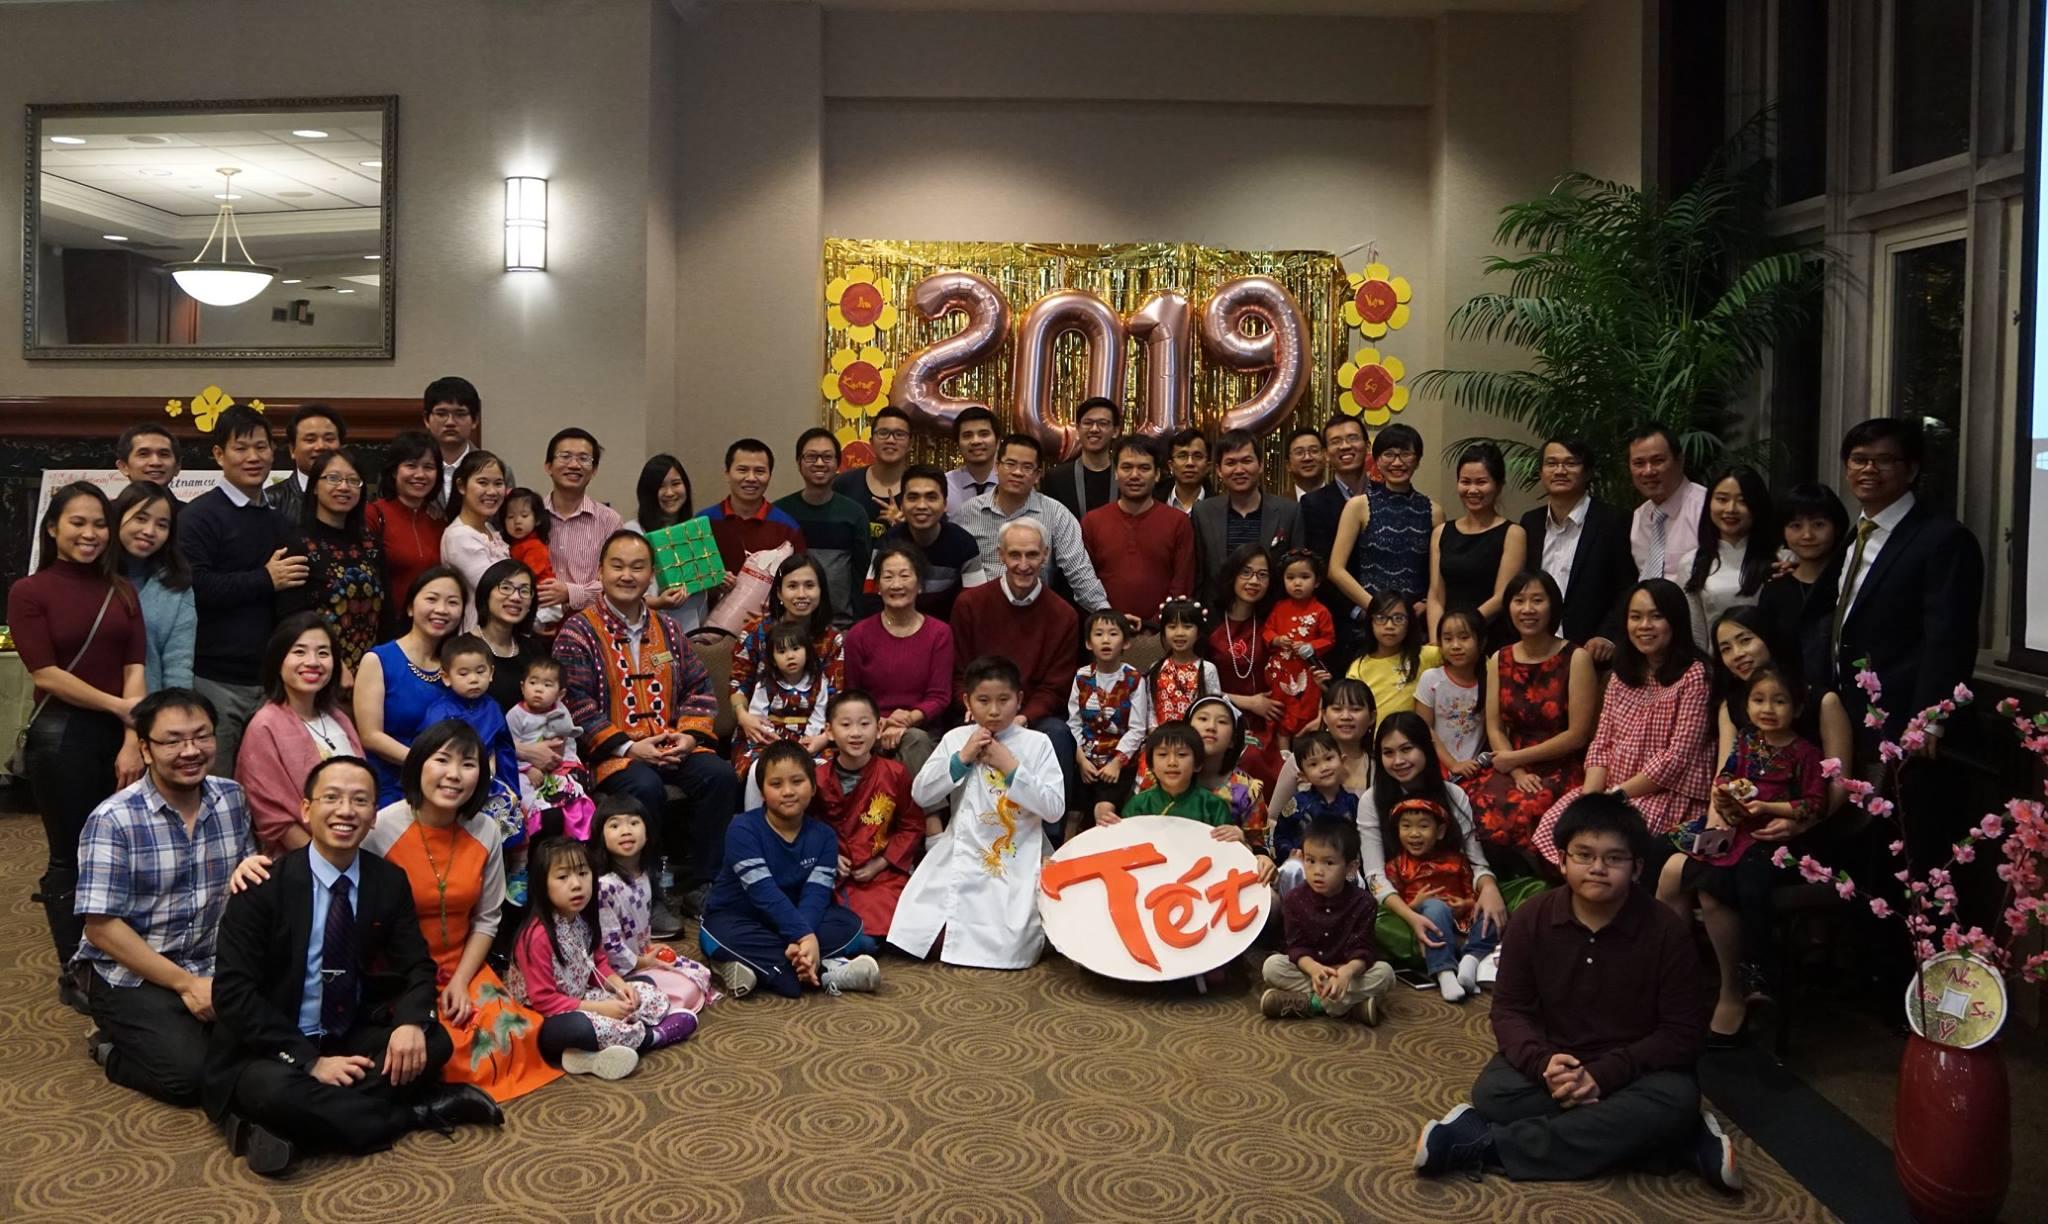 Đón Tết Kỷ Hợi 2019 tại ĐH Missouri-Columbia: Giữ gìn phong tục cổ truyền Việt Nam